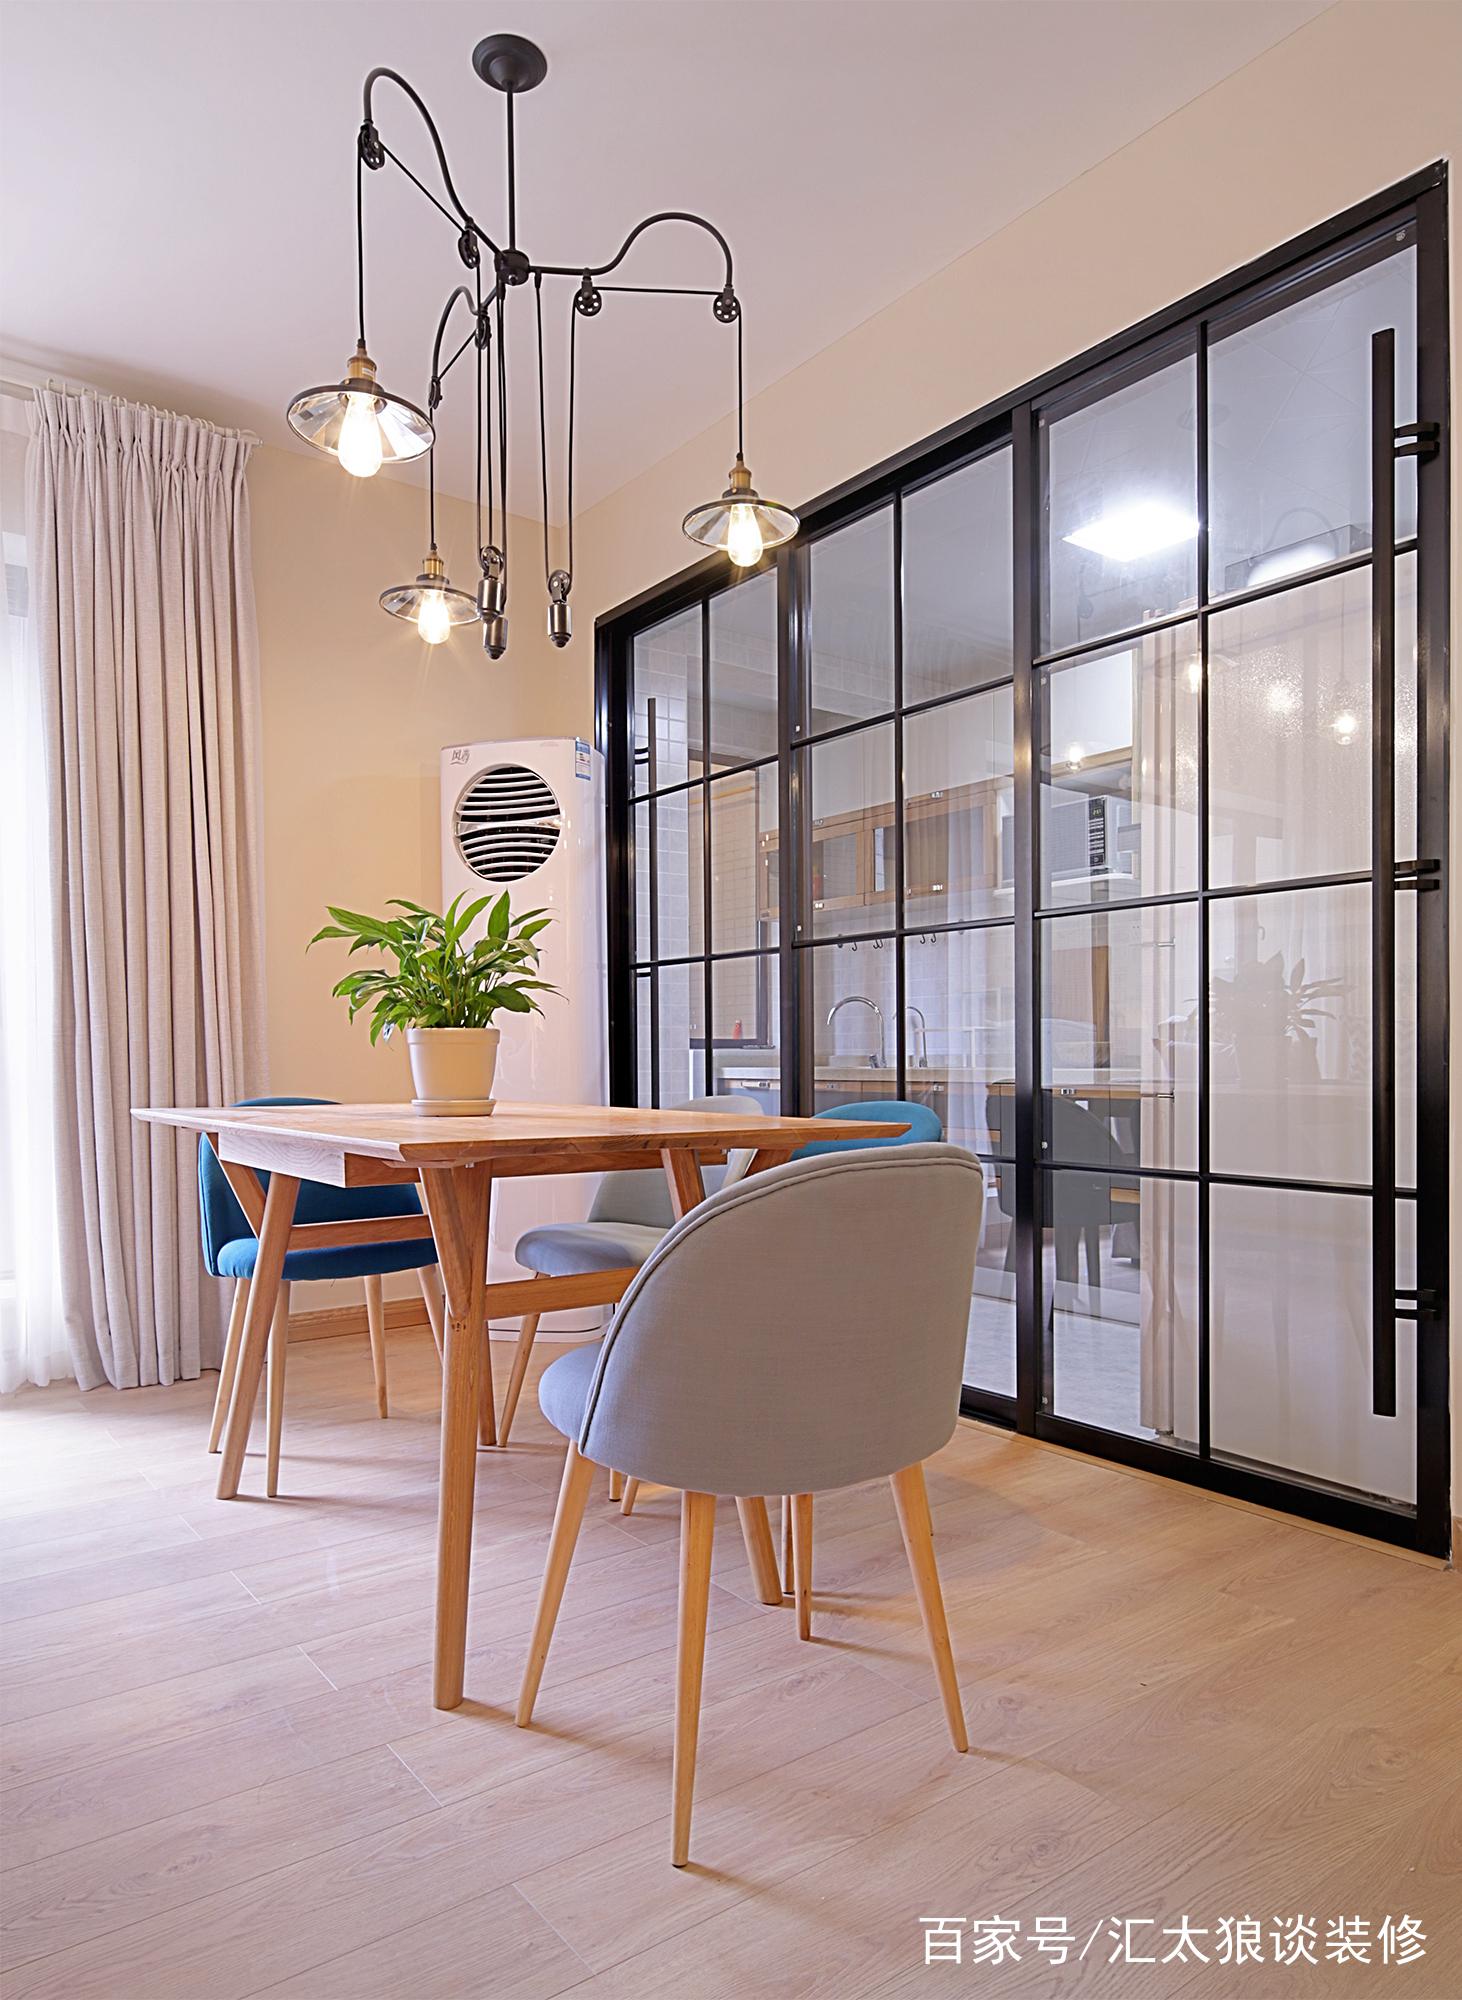 汇太狼装修网:北欧风格单身公寓装修效果图:一个人的精彩!